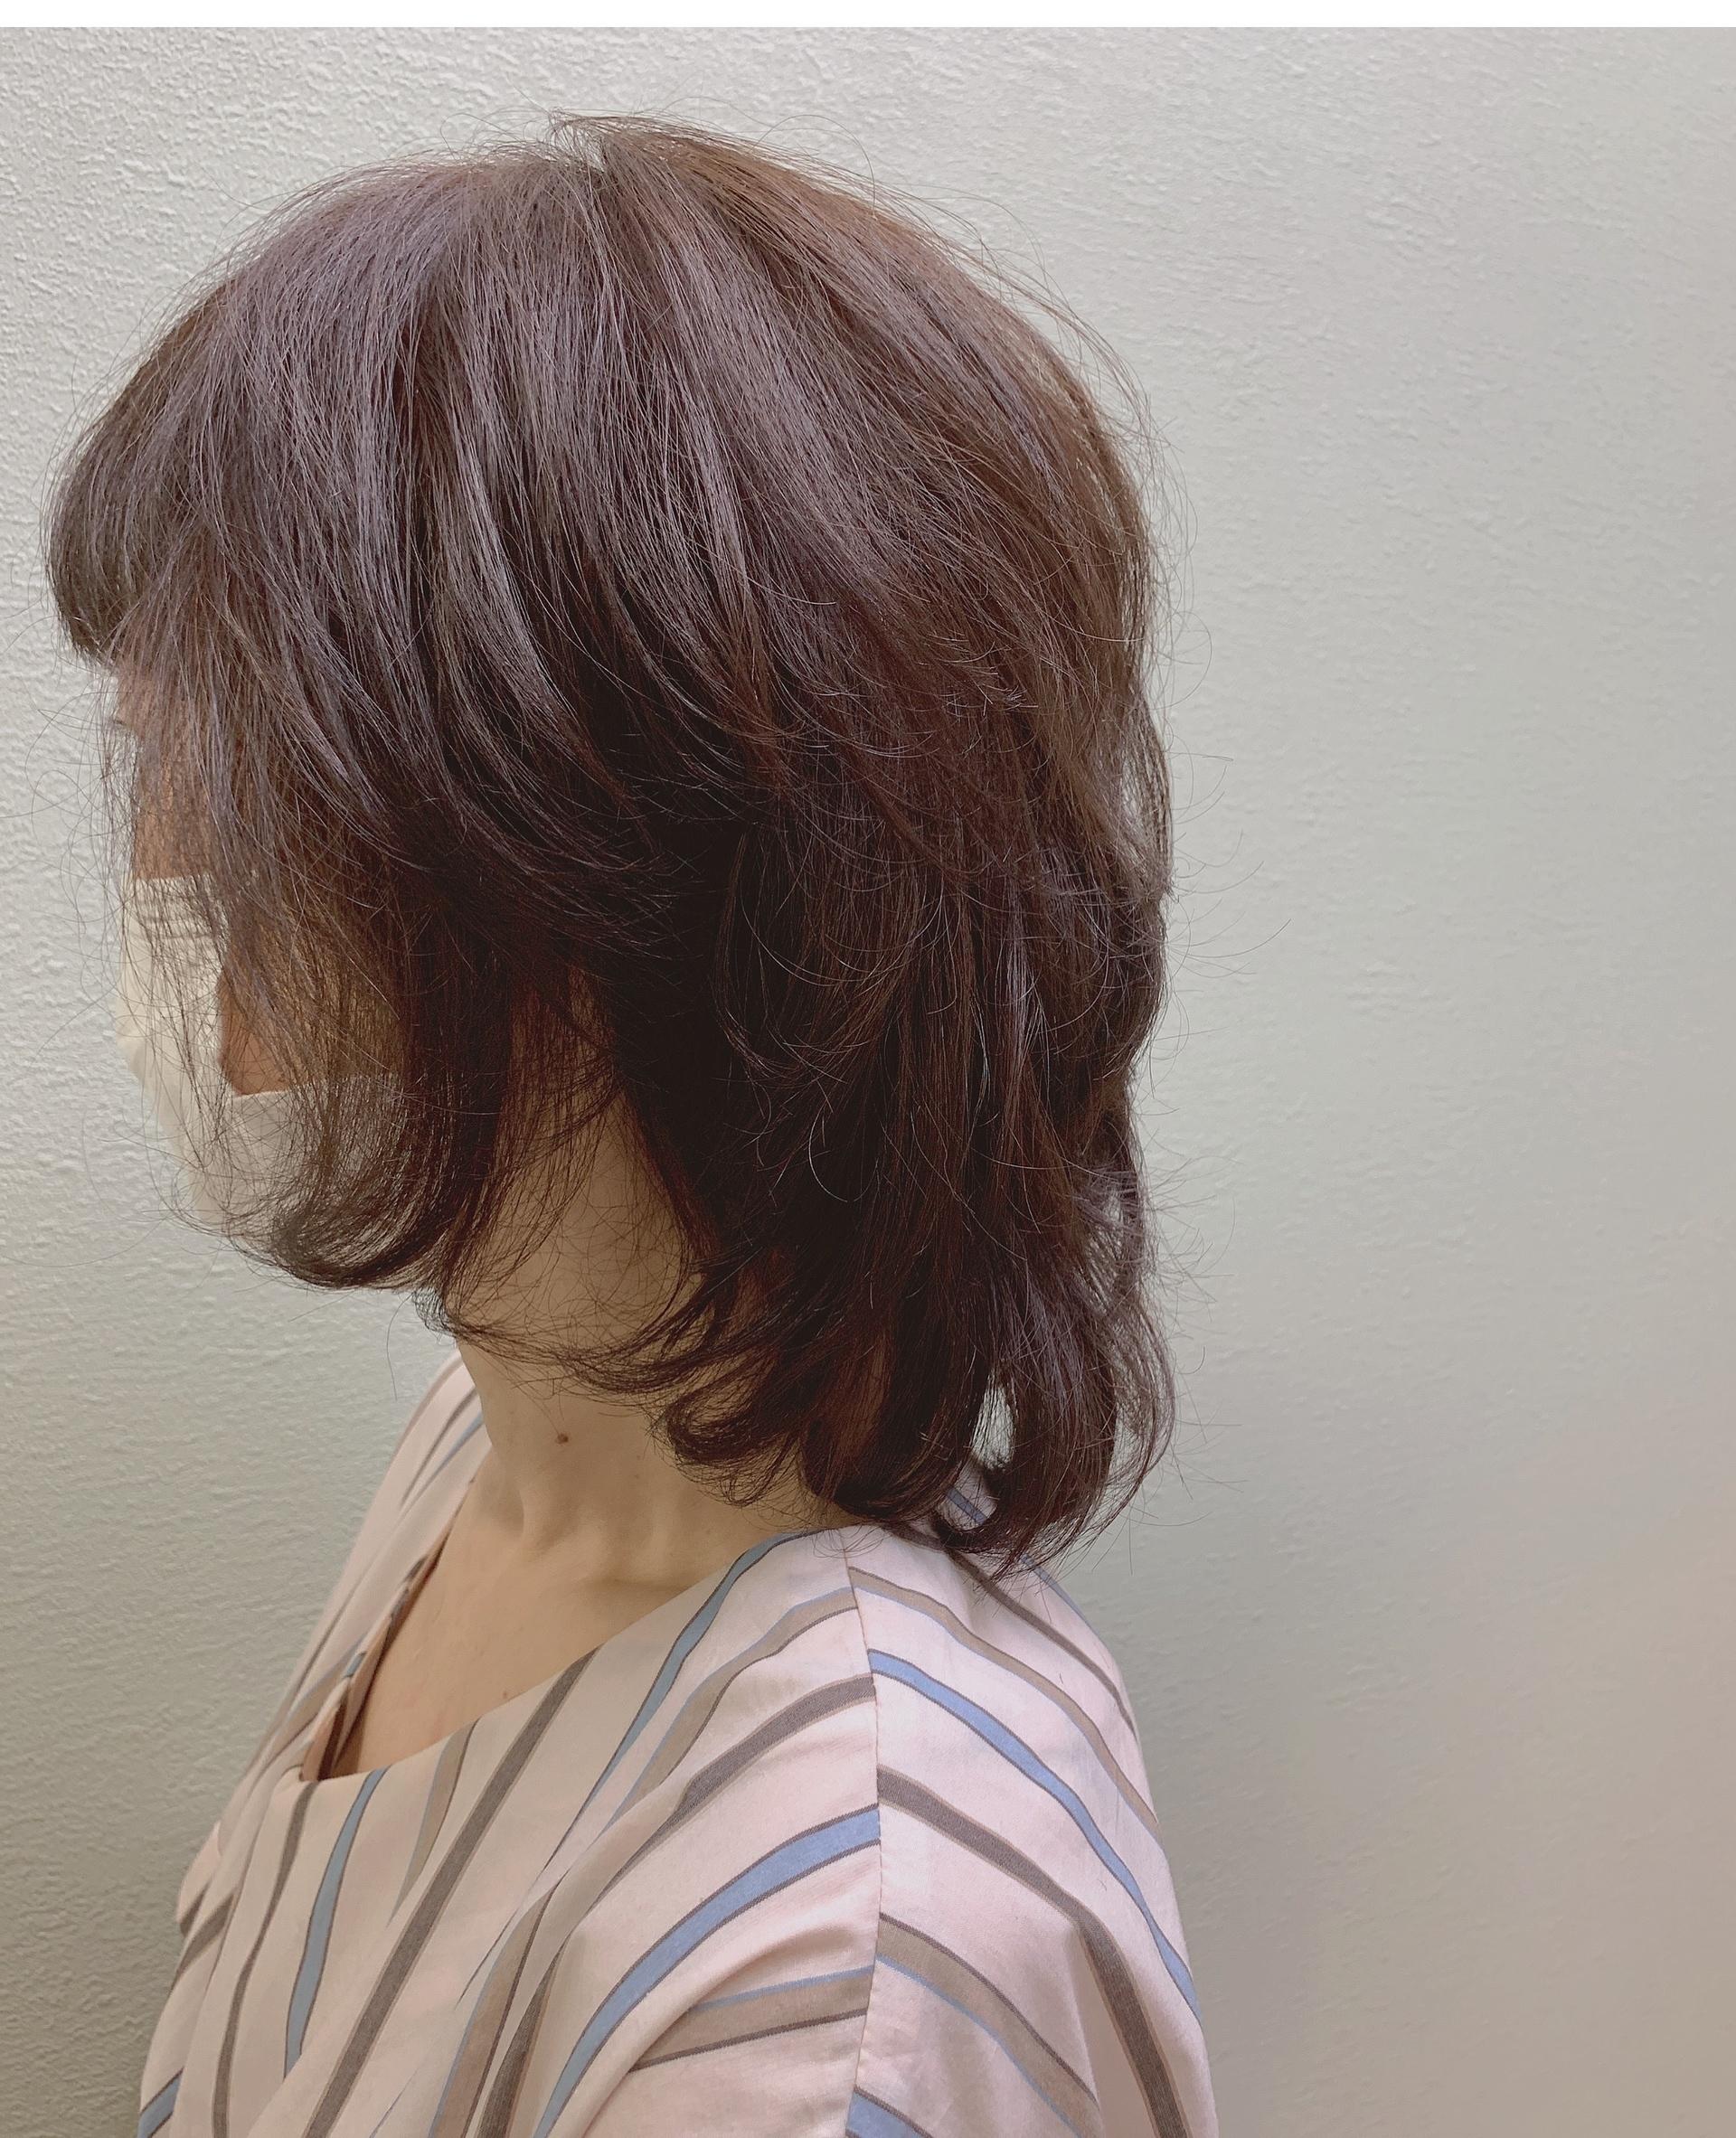 アラフィー世代 髪型 ヘアカラー